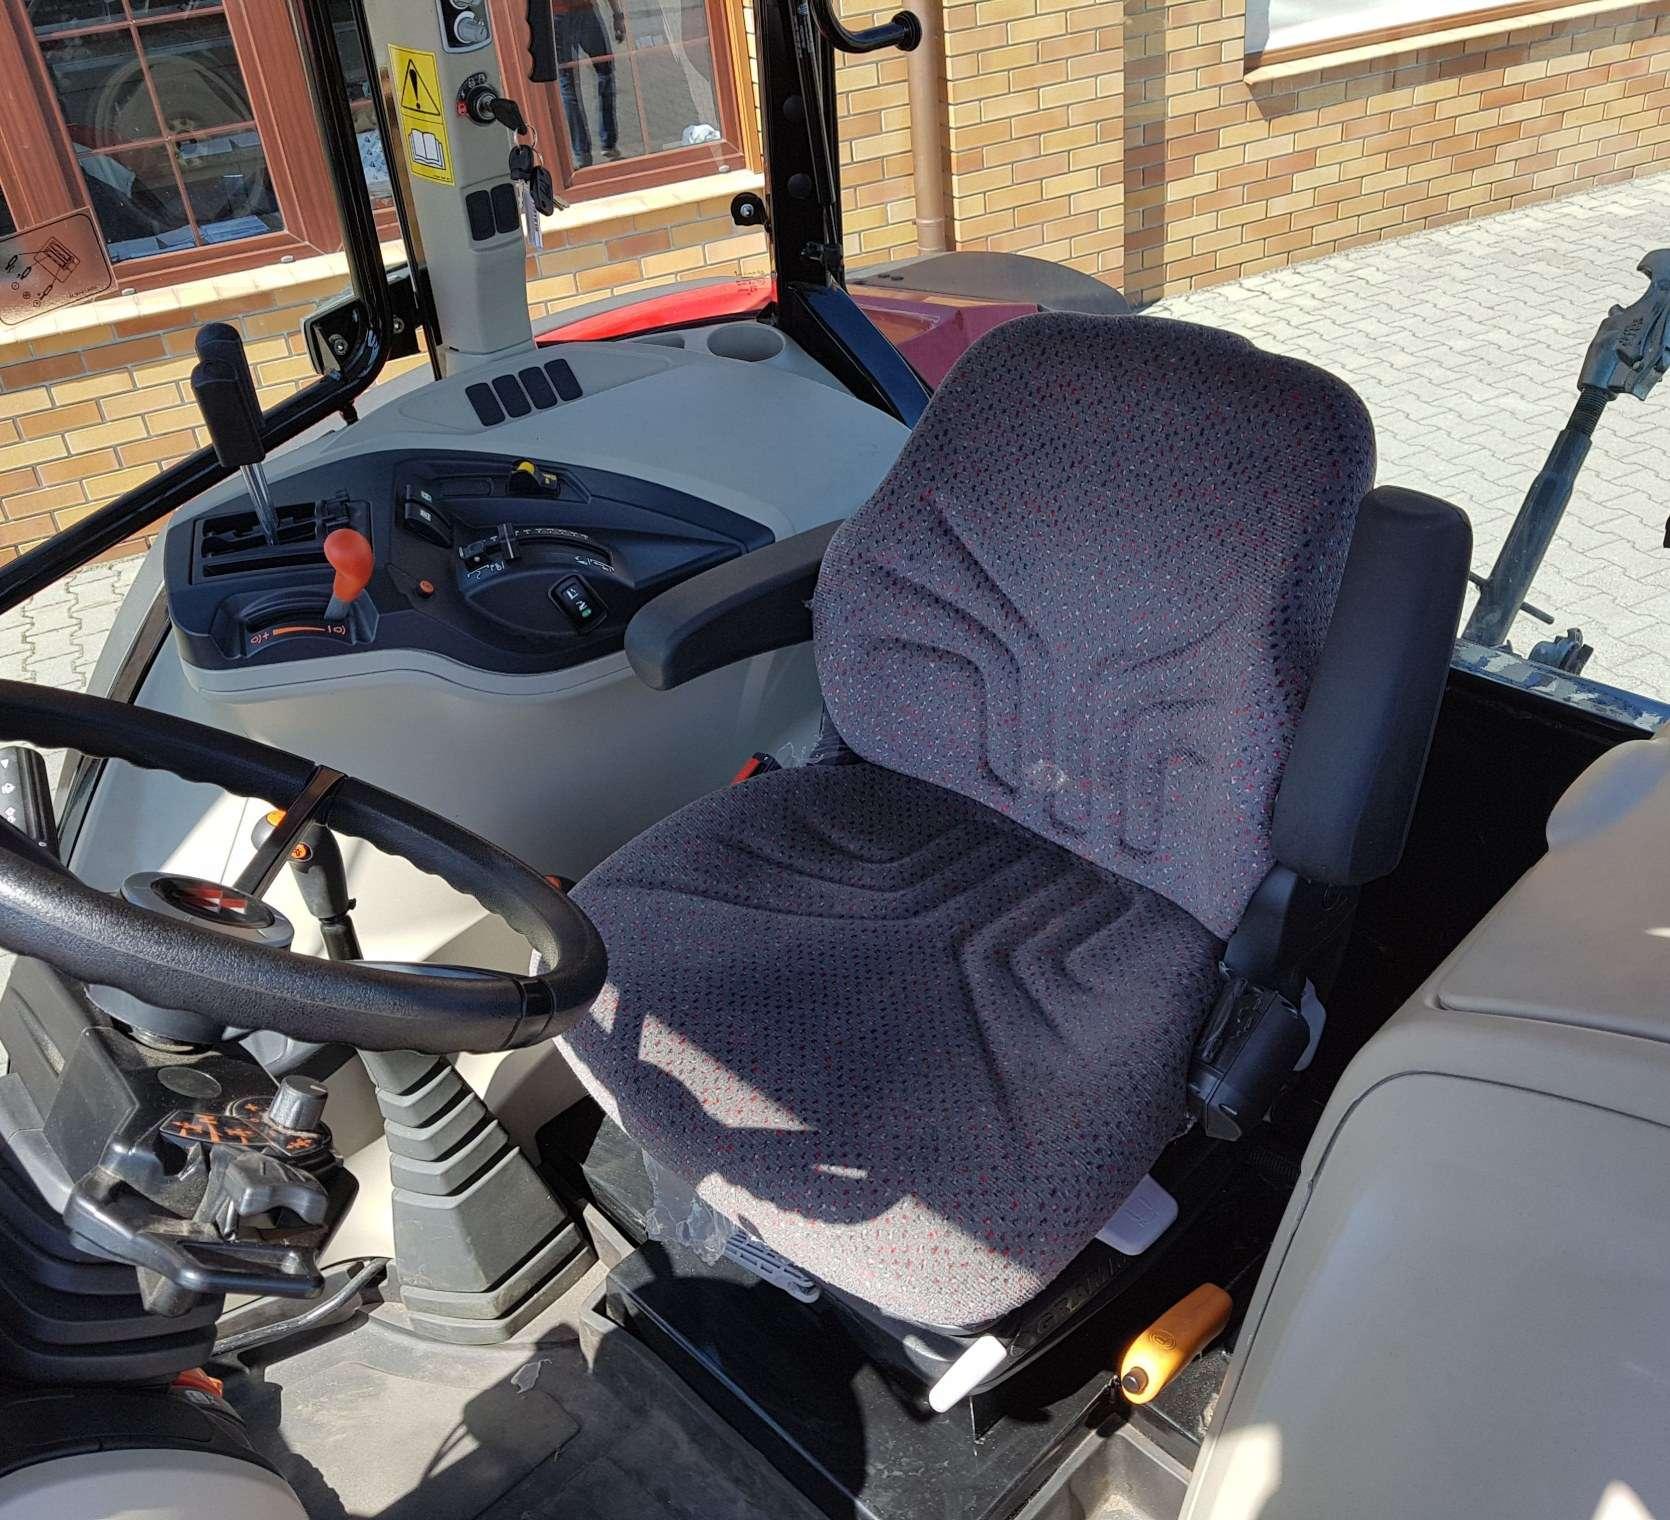 Siedzisko operatora kolumna kierownicza w komfortowo zaprojektowanej kabinie Massey Ferguson 4709 Tier 4F